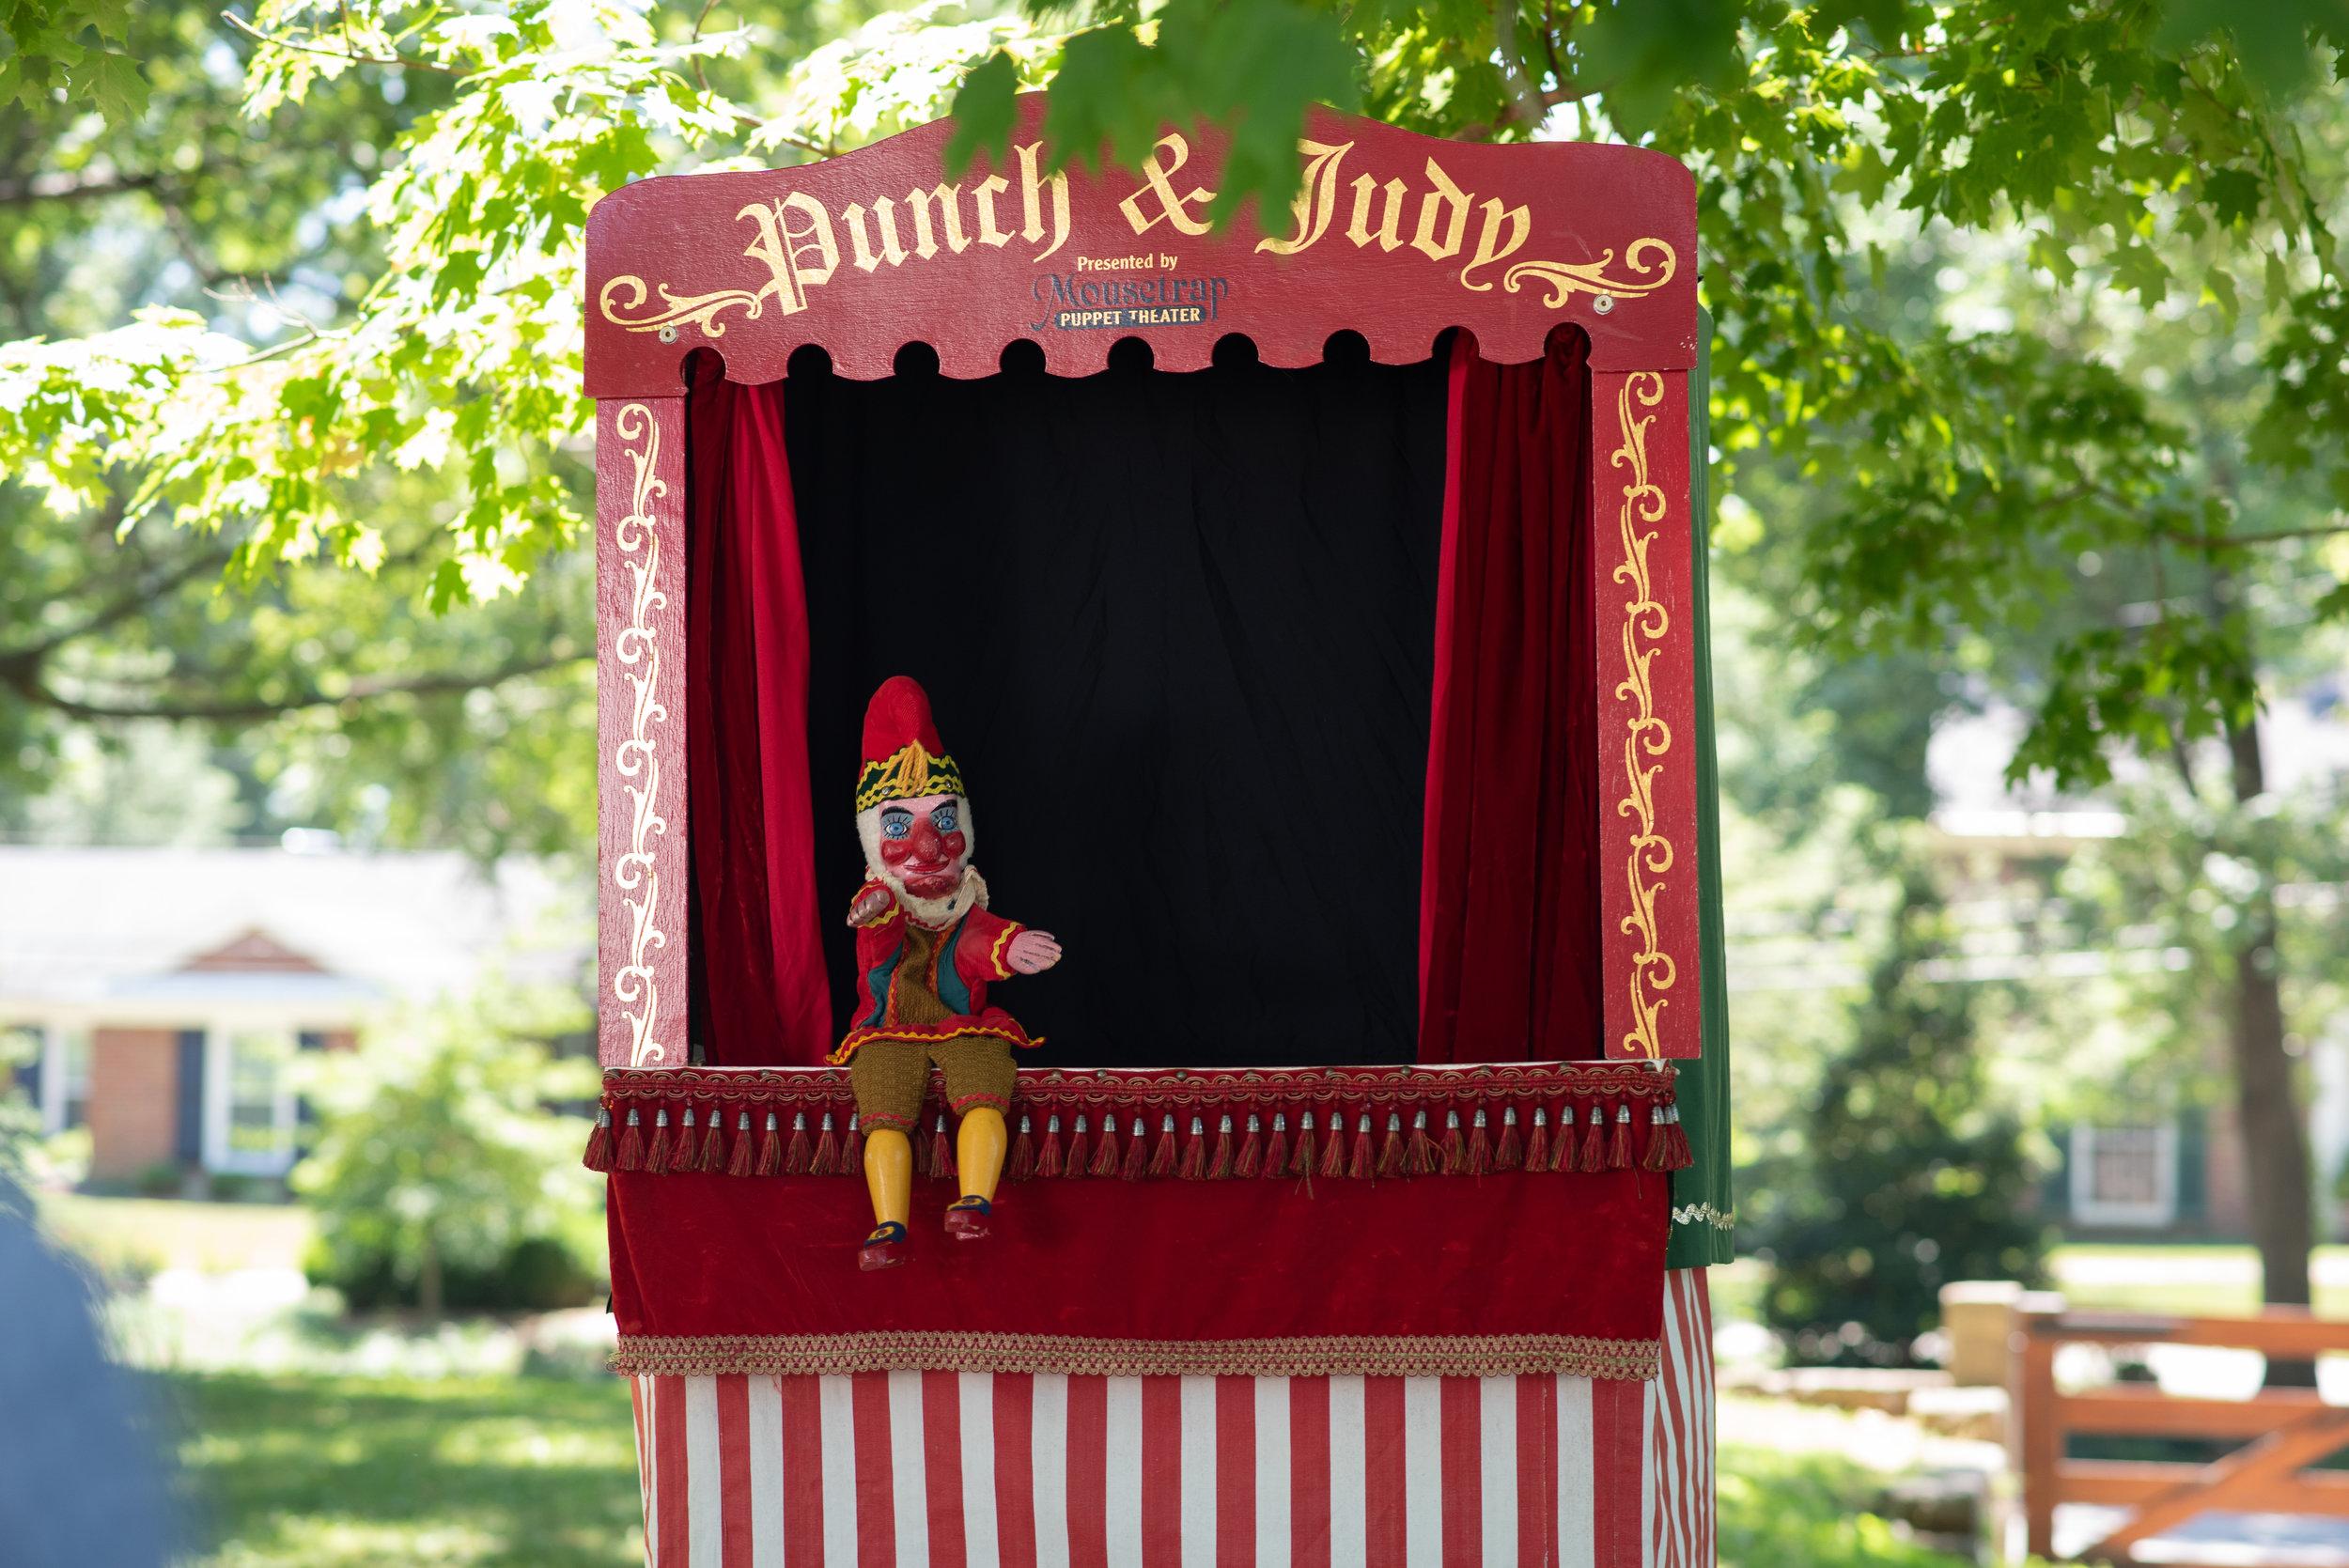 Jane Austen Festival Louisville Kentucky 2019 Punch and Judy Show Regency Entertainment